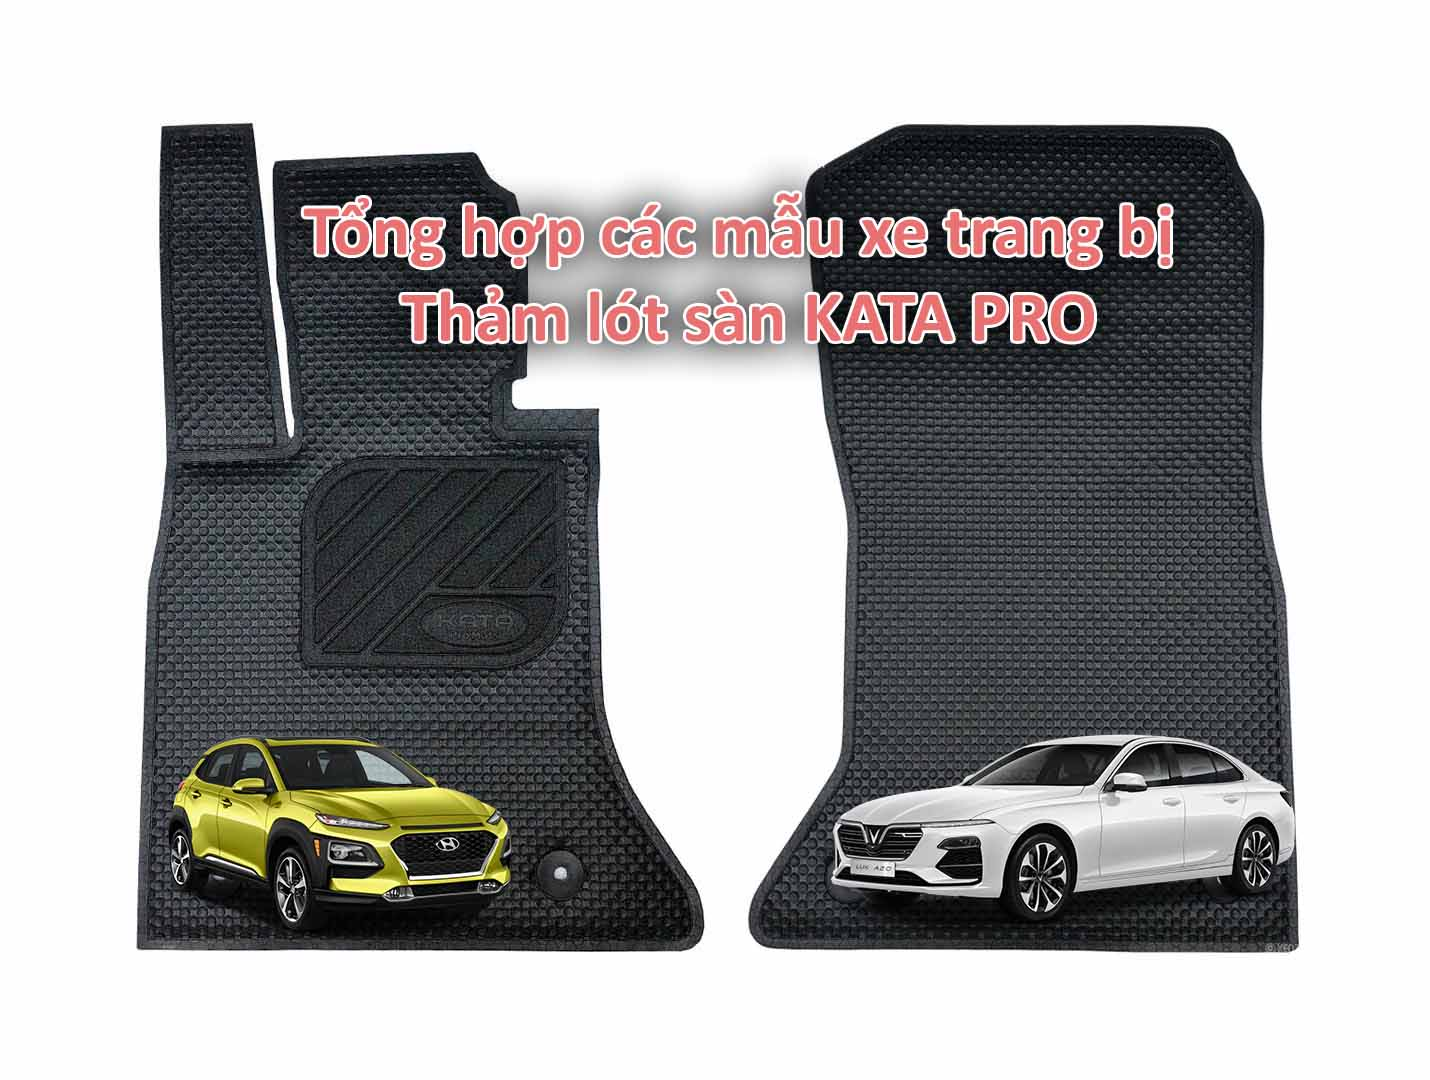 Dòng xe trang bị thảm KATA Pro